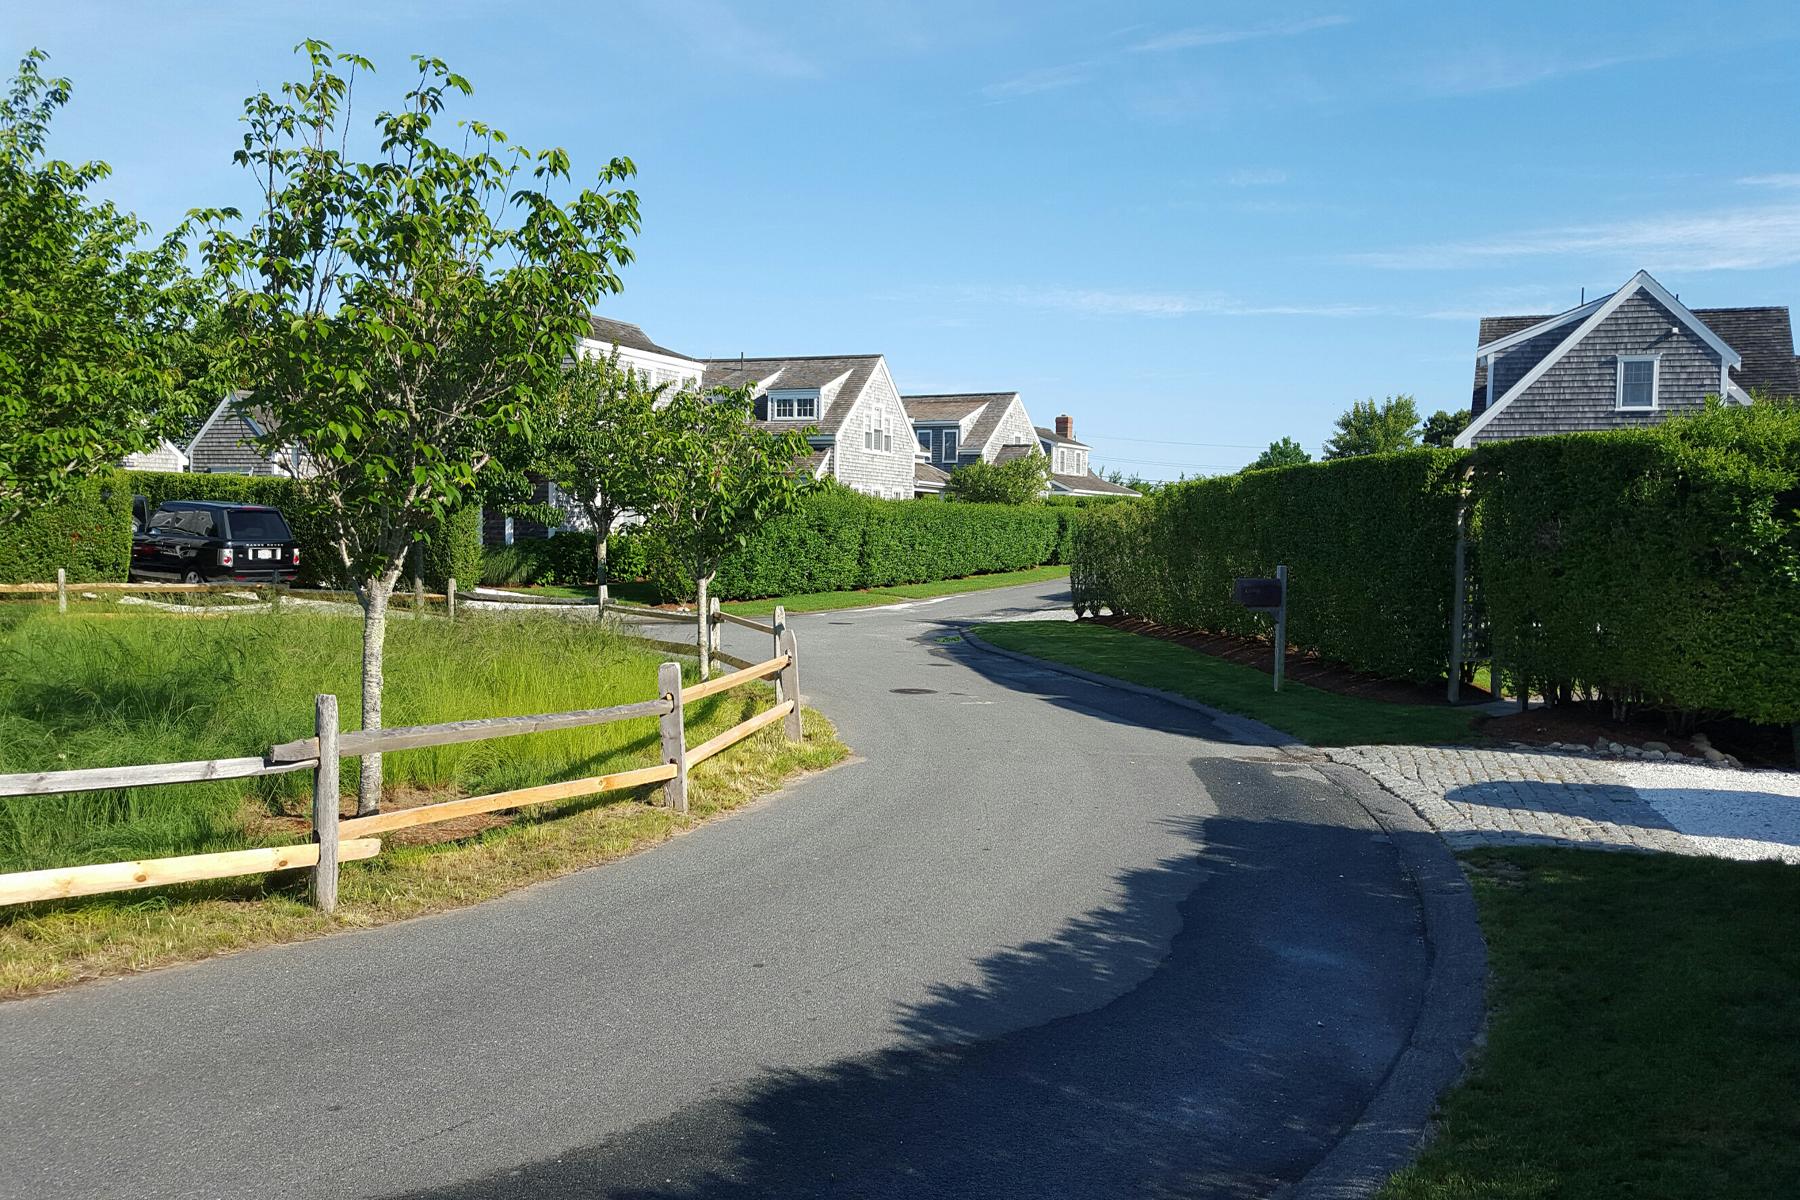 Земля для того Продажа на Perfect Vacation Neighborhood! 14 Aurora Way, Nantucket, Массачусетс, 02554 Соединенные Штаты